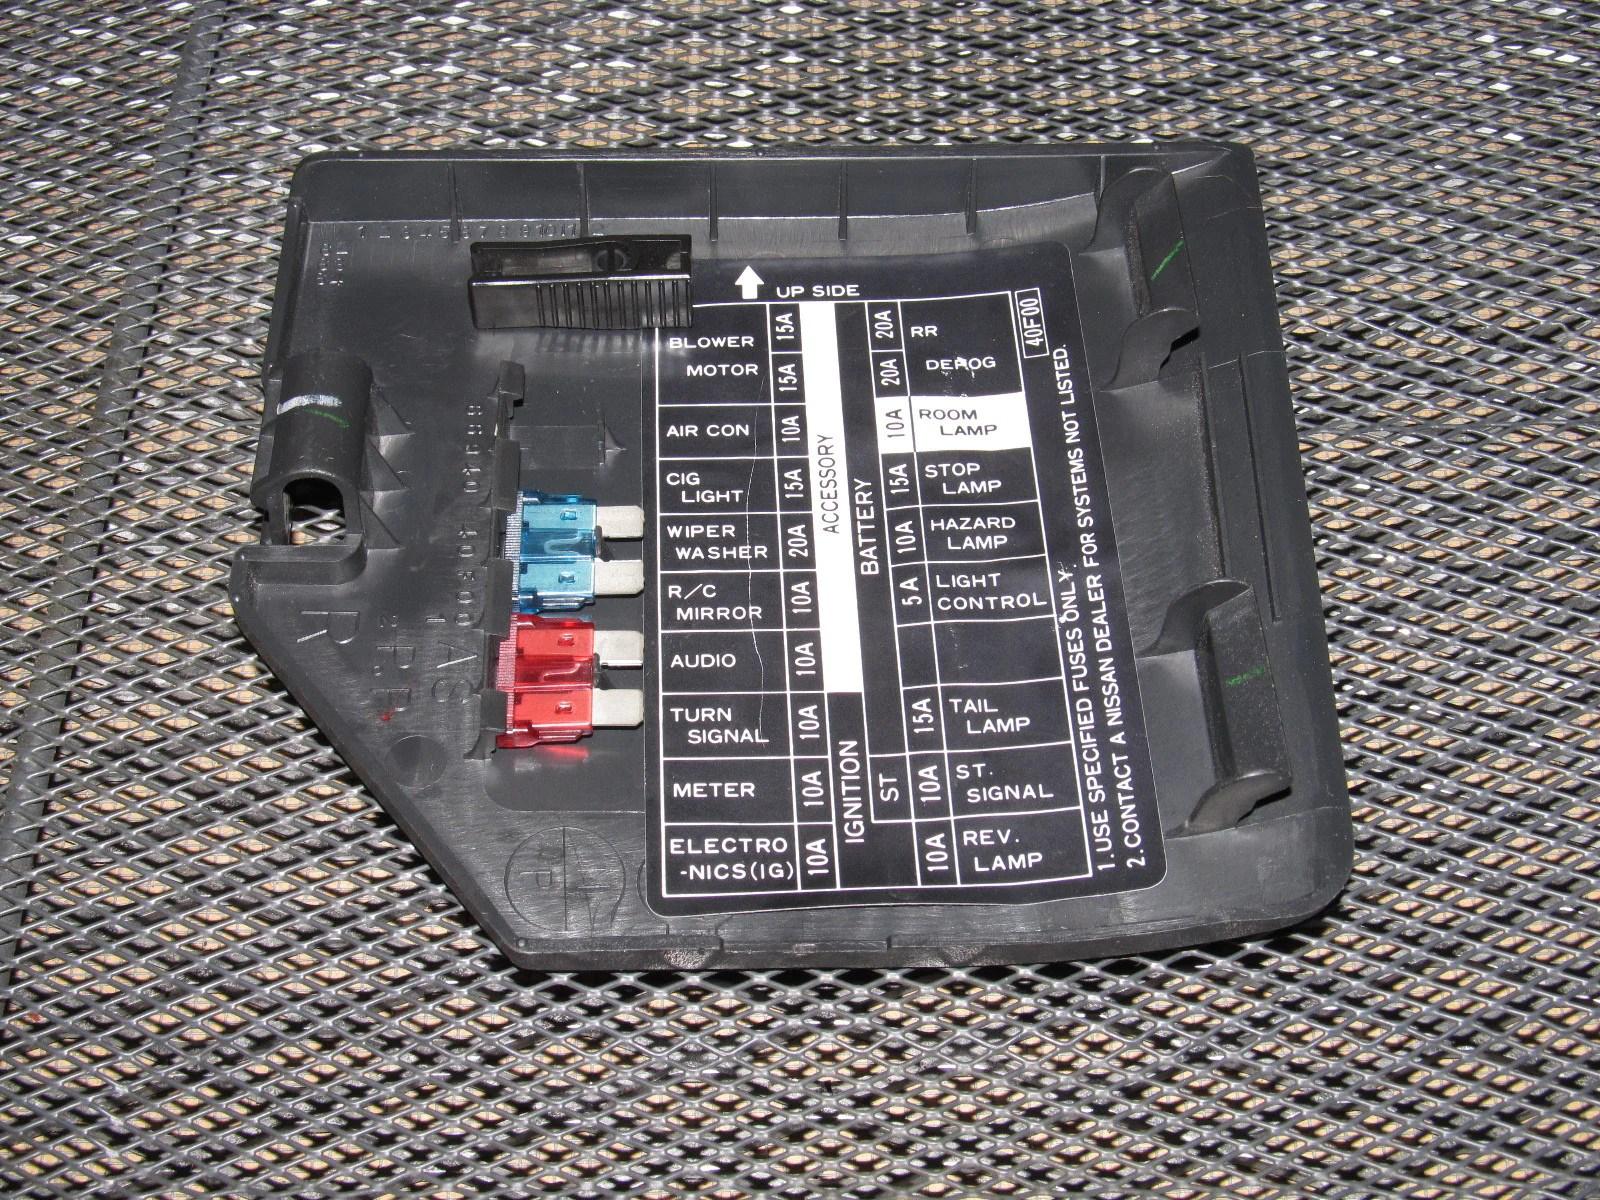 medium resolution of 1995 nissan 240sx interior fuse box diagram brokeasshome com 97 nissan 240sx fast and furious 98 sentra coupe